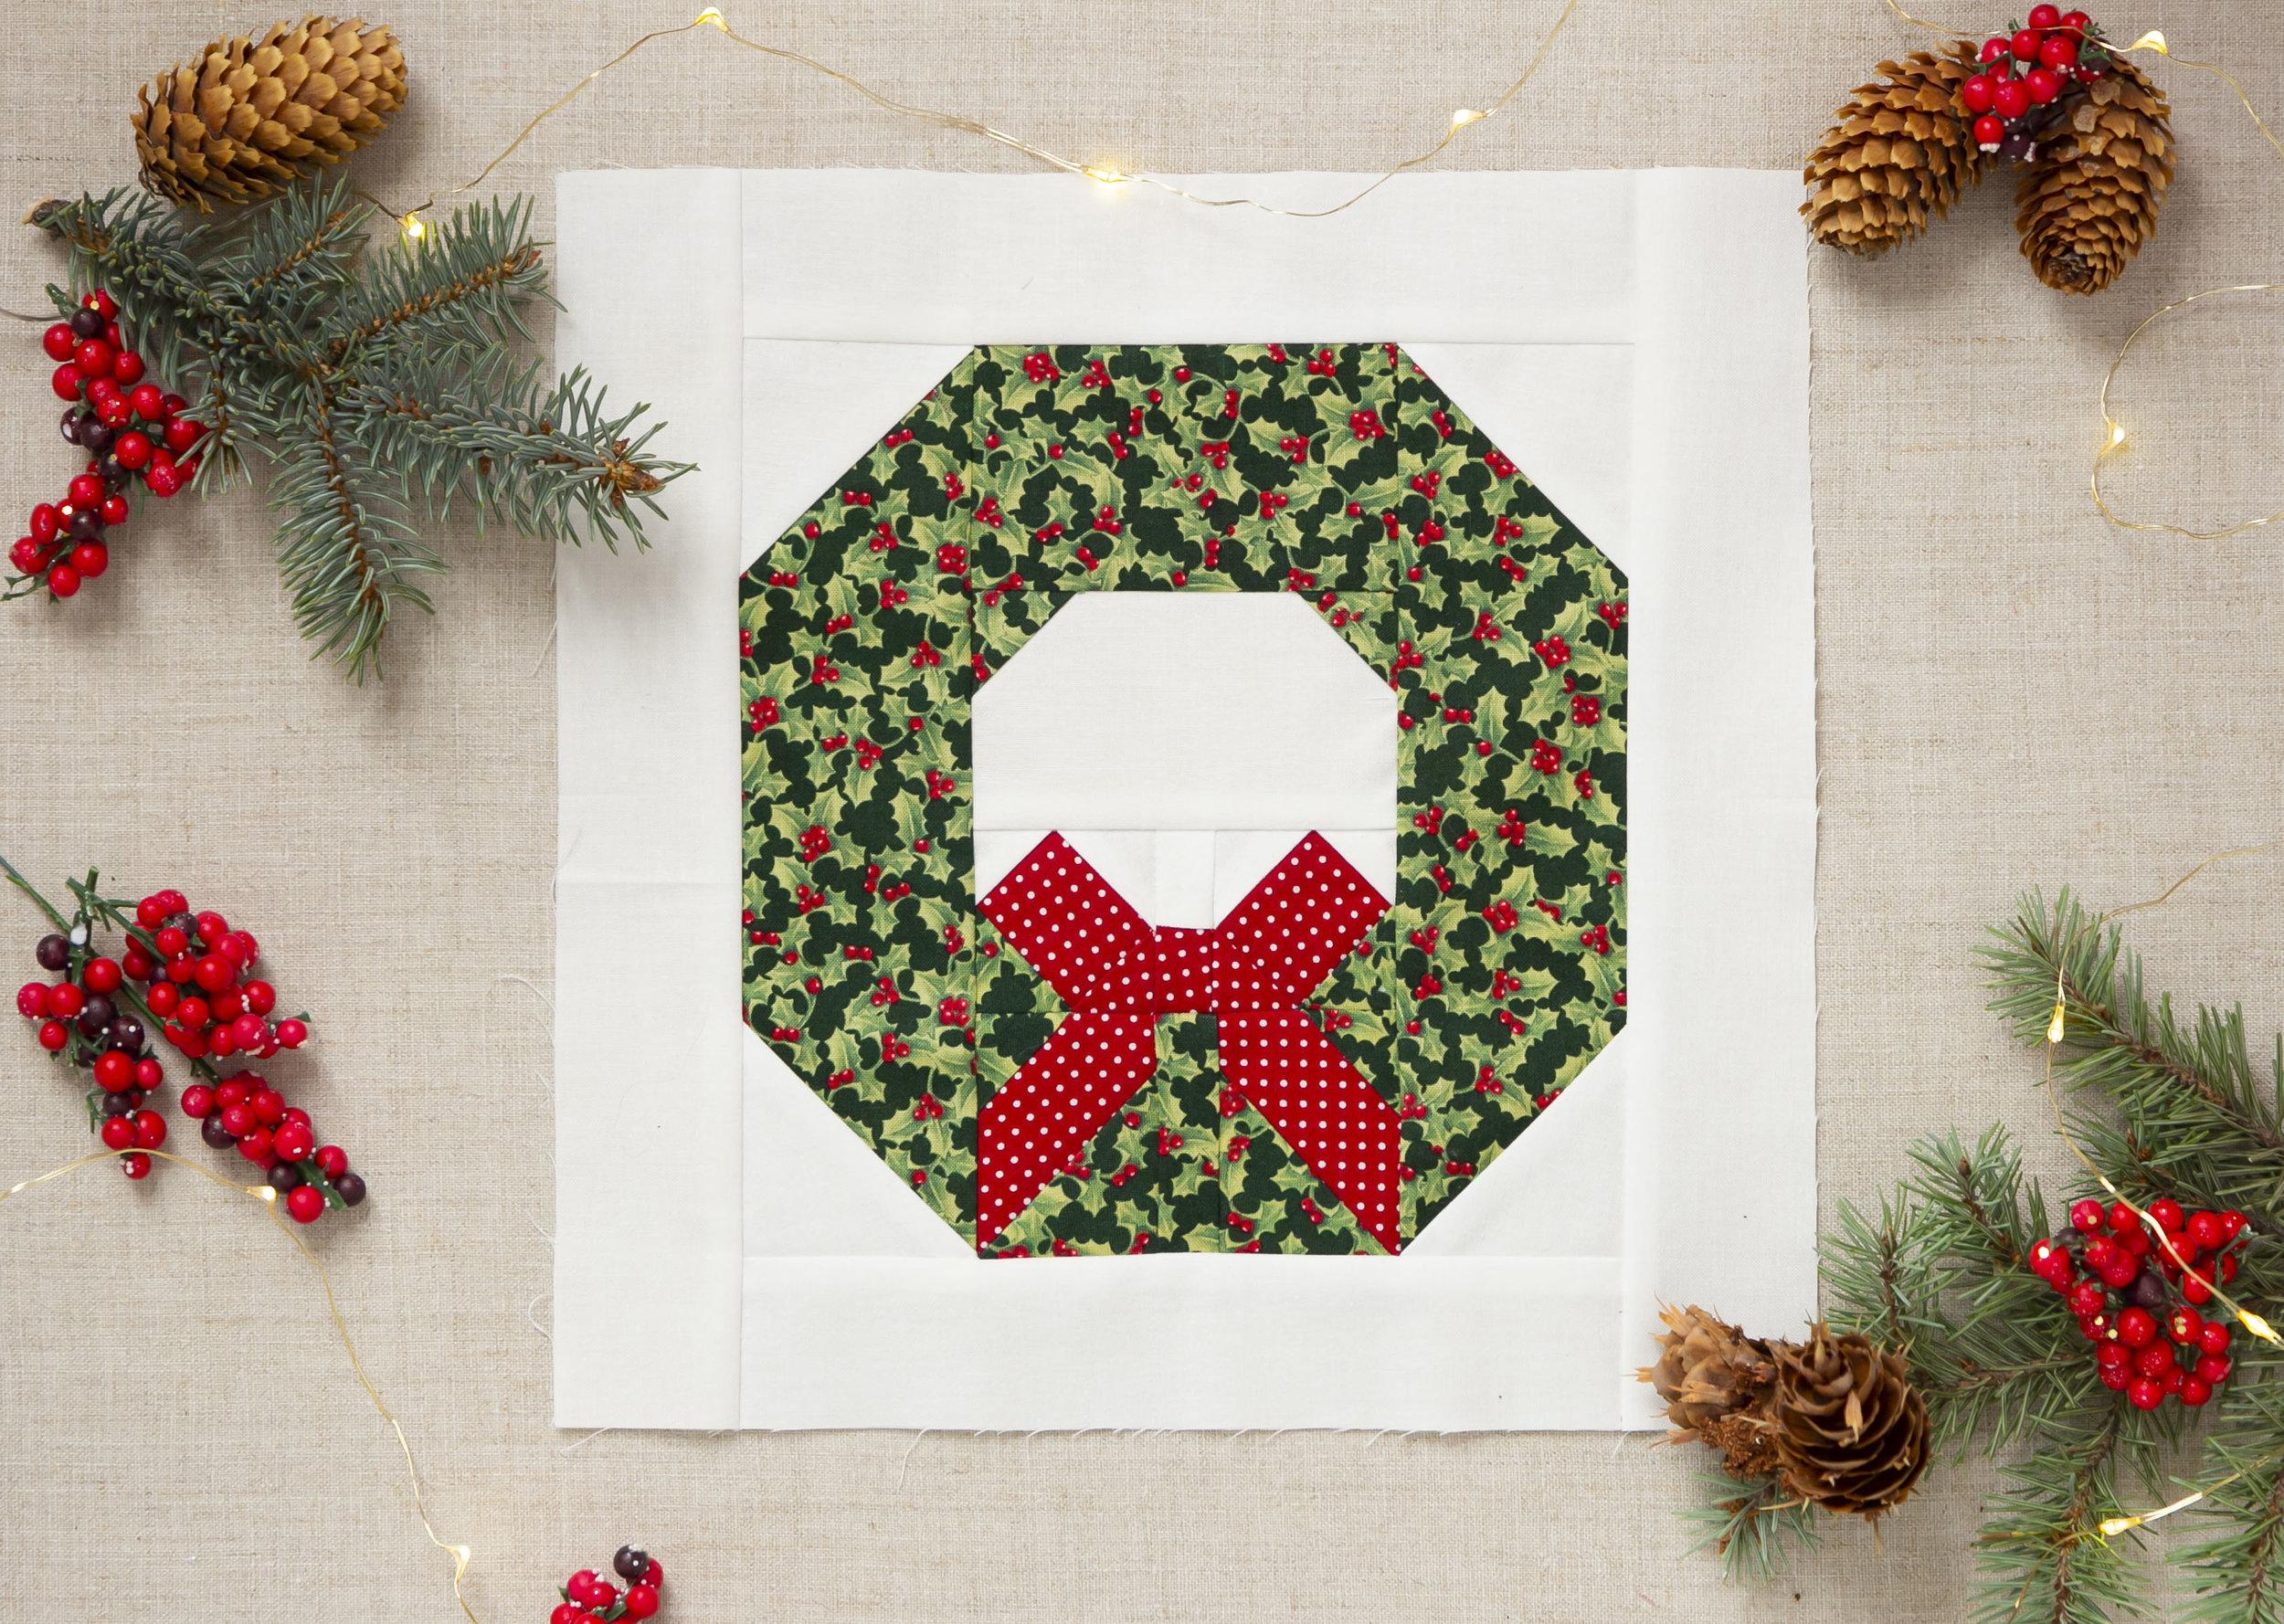 Christmas_Anne_of_Green_Gables_quilt_2018112915.jpg